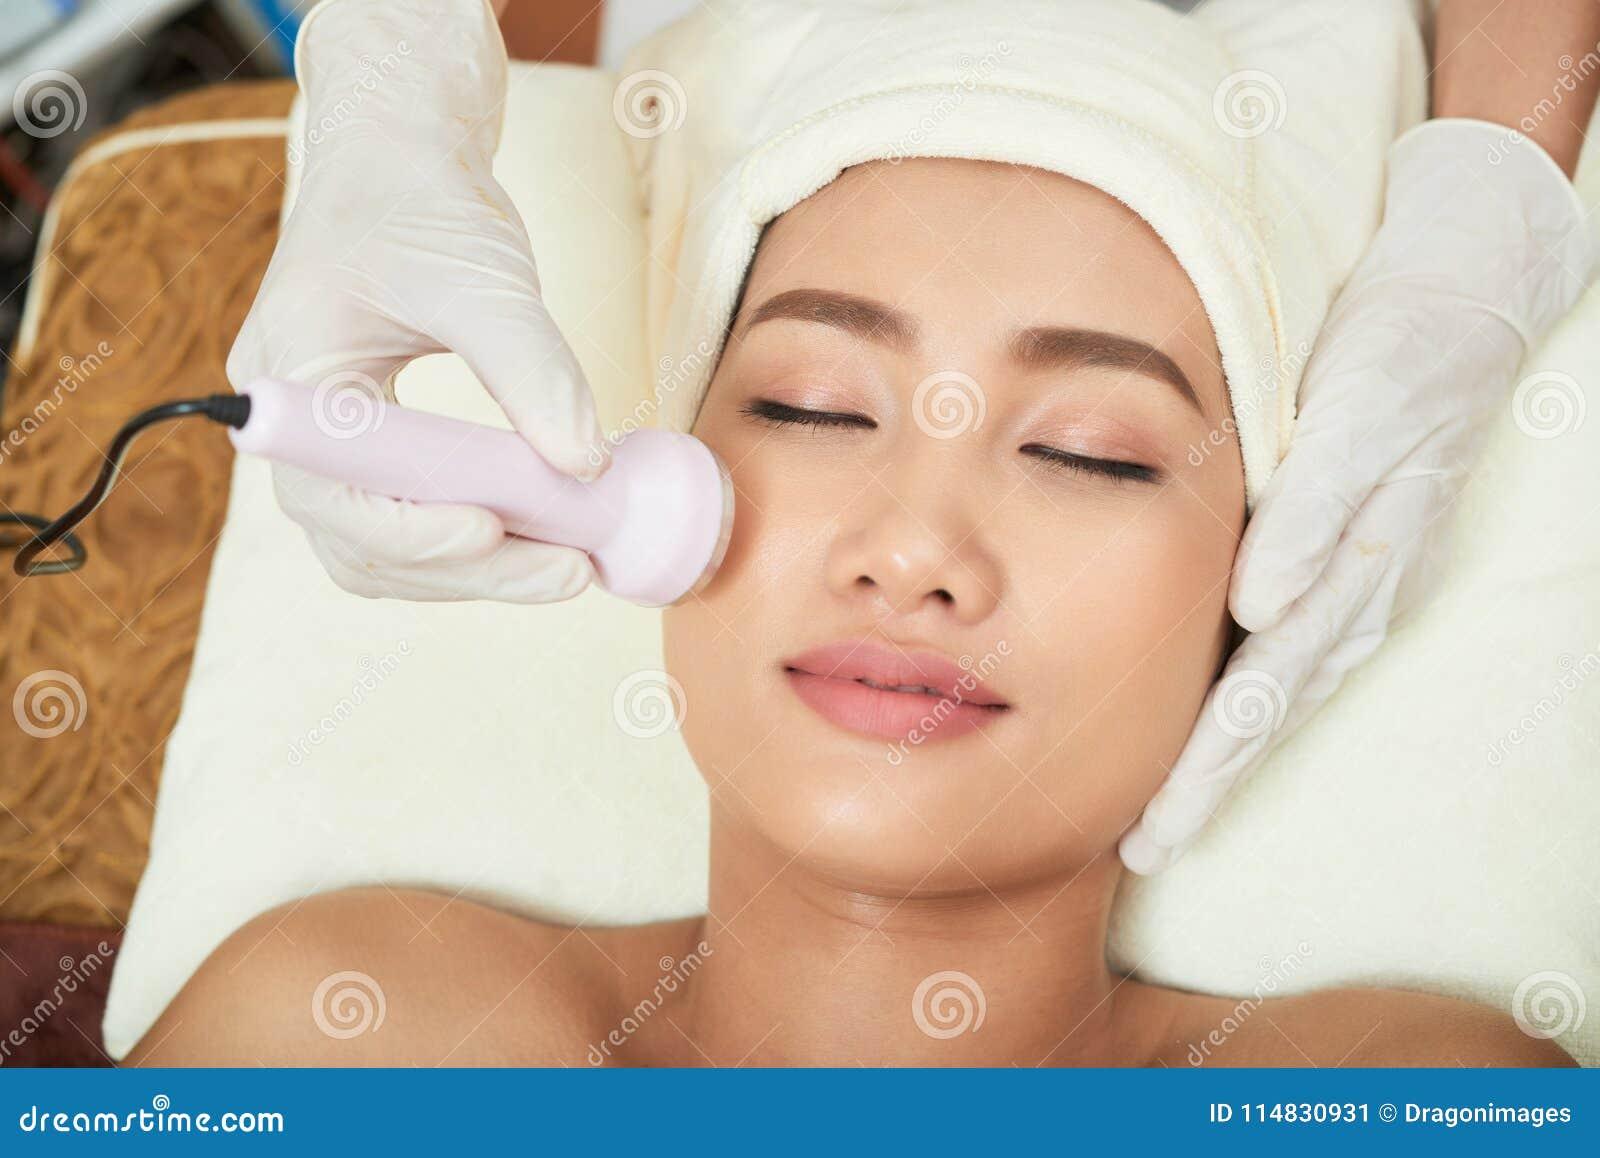 Fabbricazione della procedura del Facial di ultrasuono